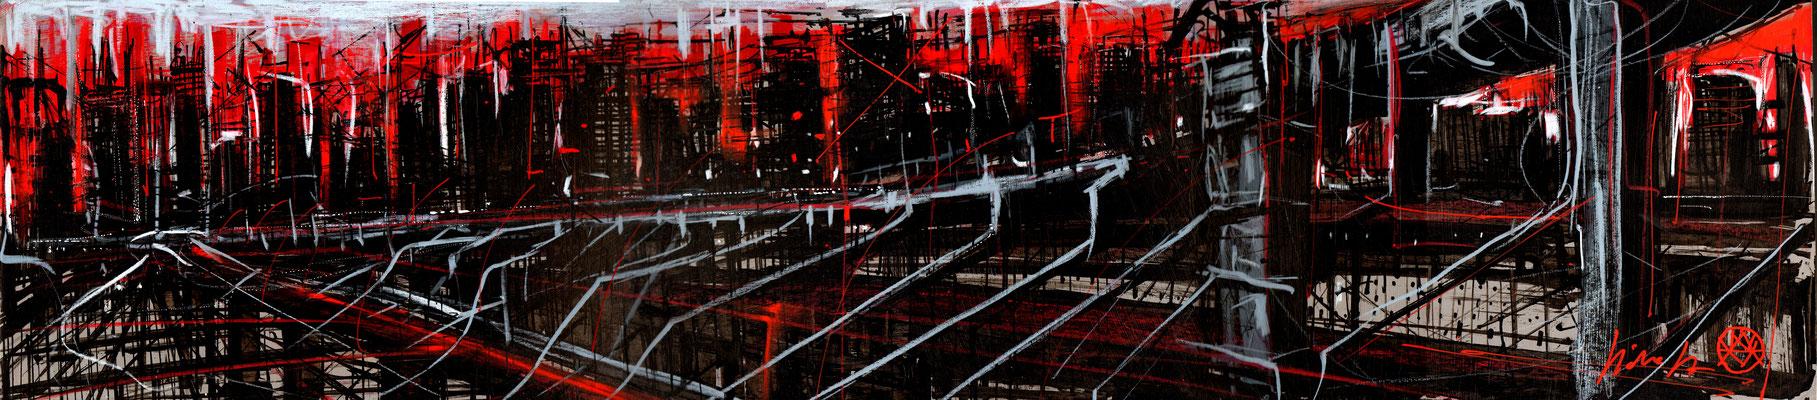 Le Rouge et Noir 28x120- 2017 acrylique, encre de chine, gouache, pastel gras.